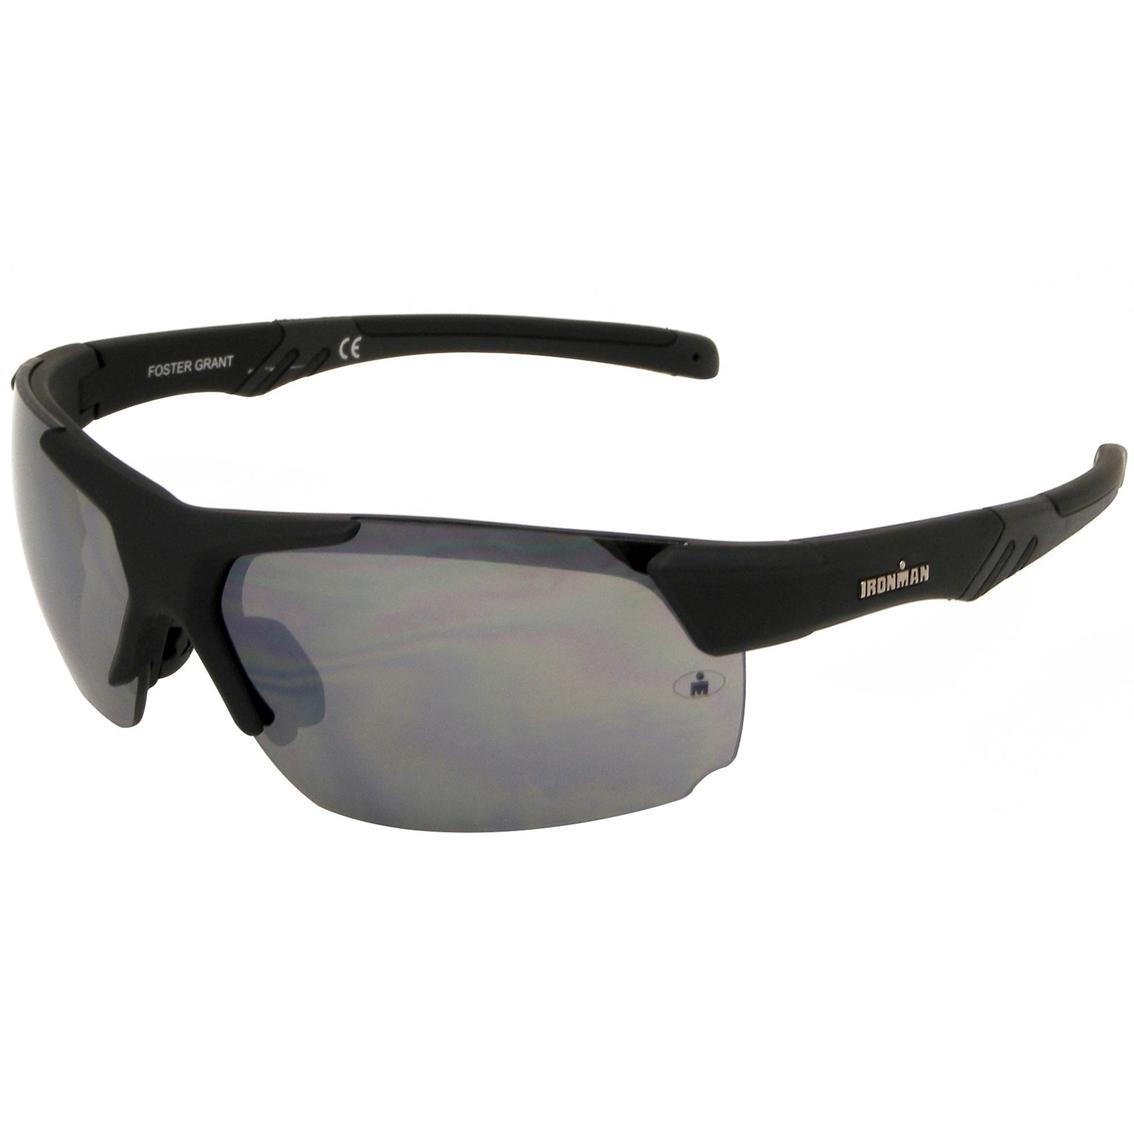 Foster Grant Ironman Sunglasses  foster grant ironman rivalry sunglasses 10219108 fgx men s